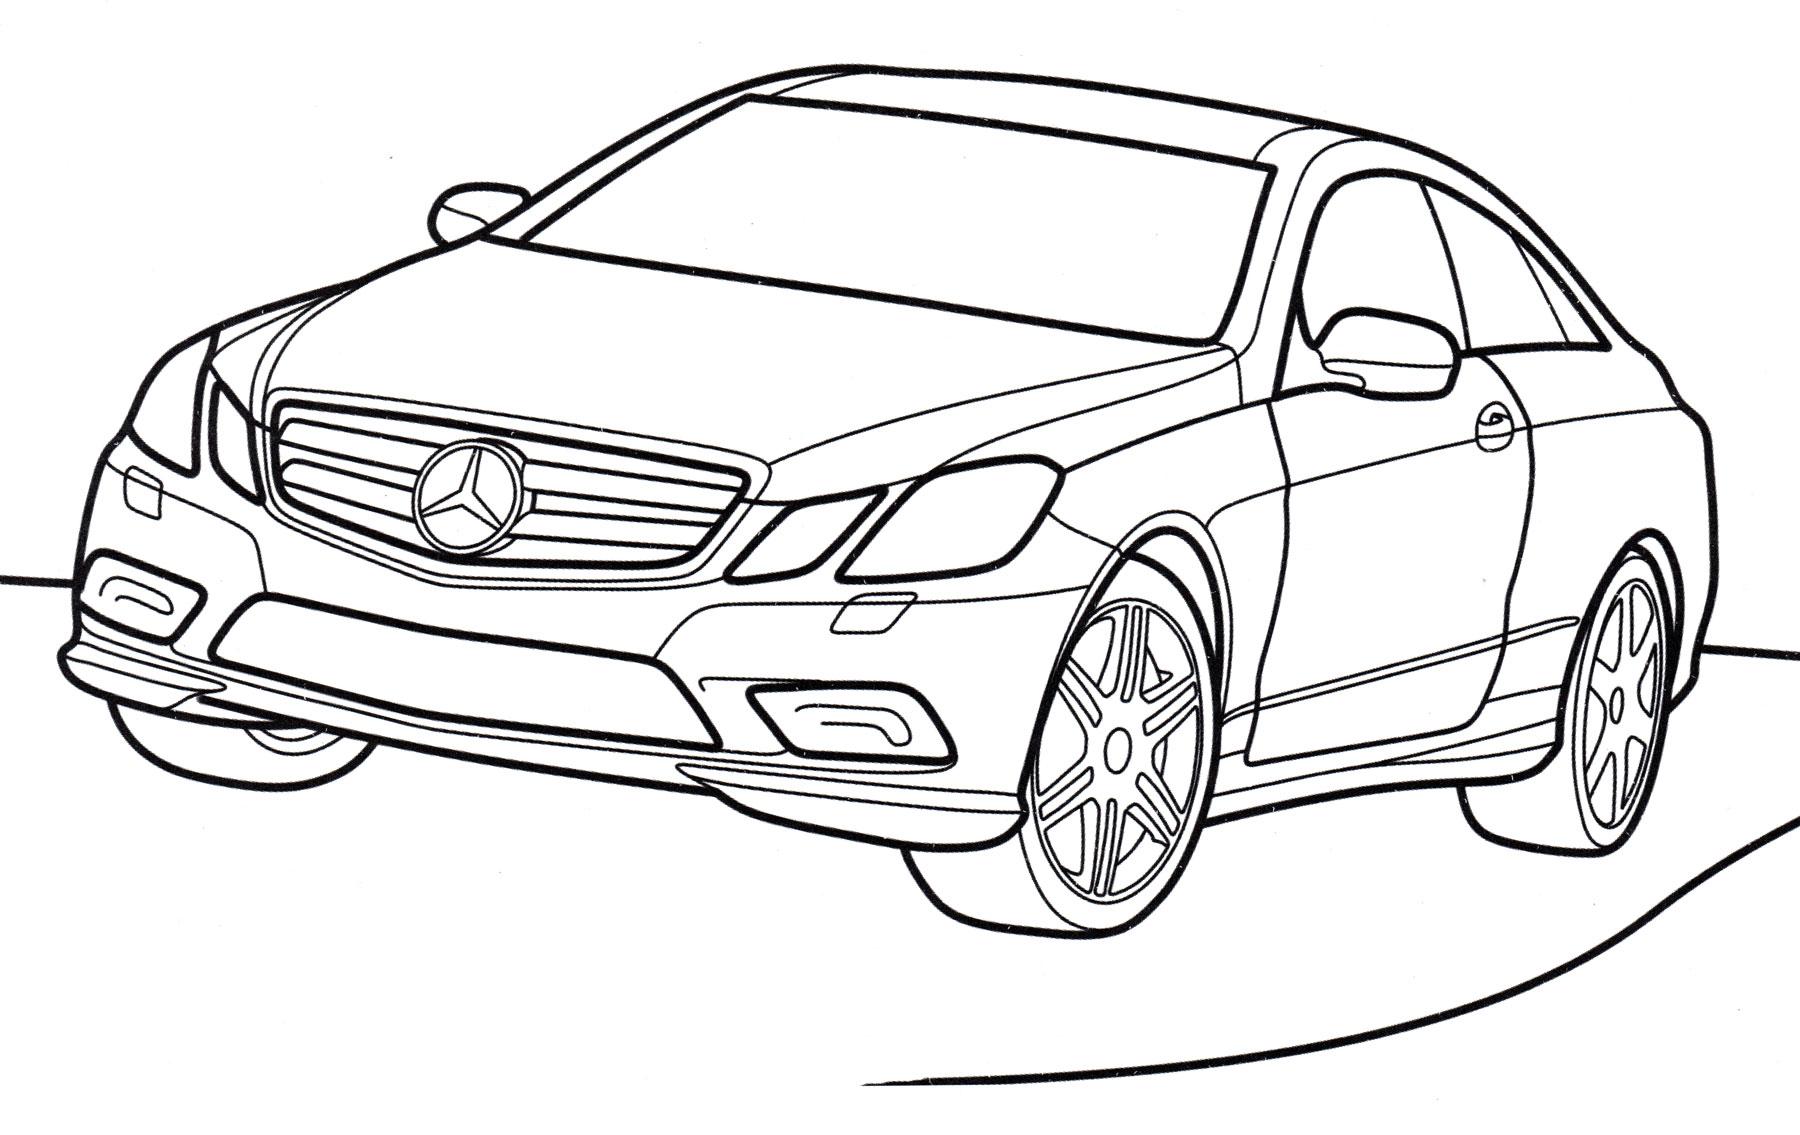 Раскраска Mercedes E-class - распечатать бесплатно